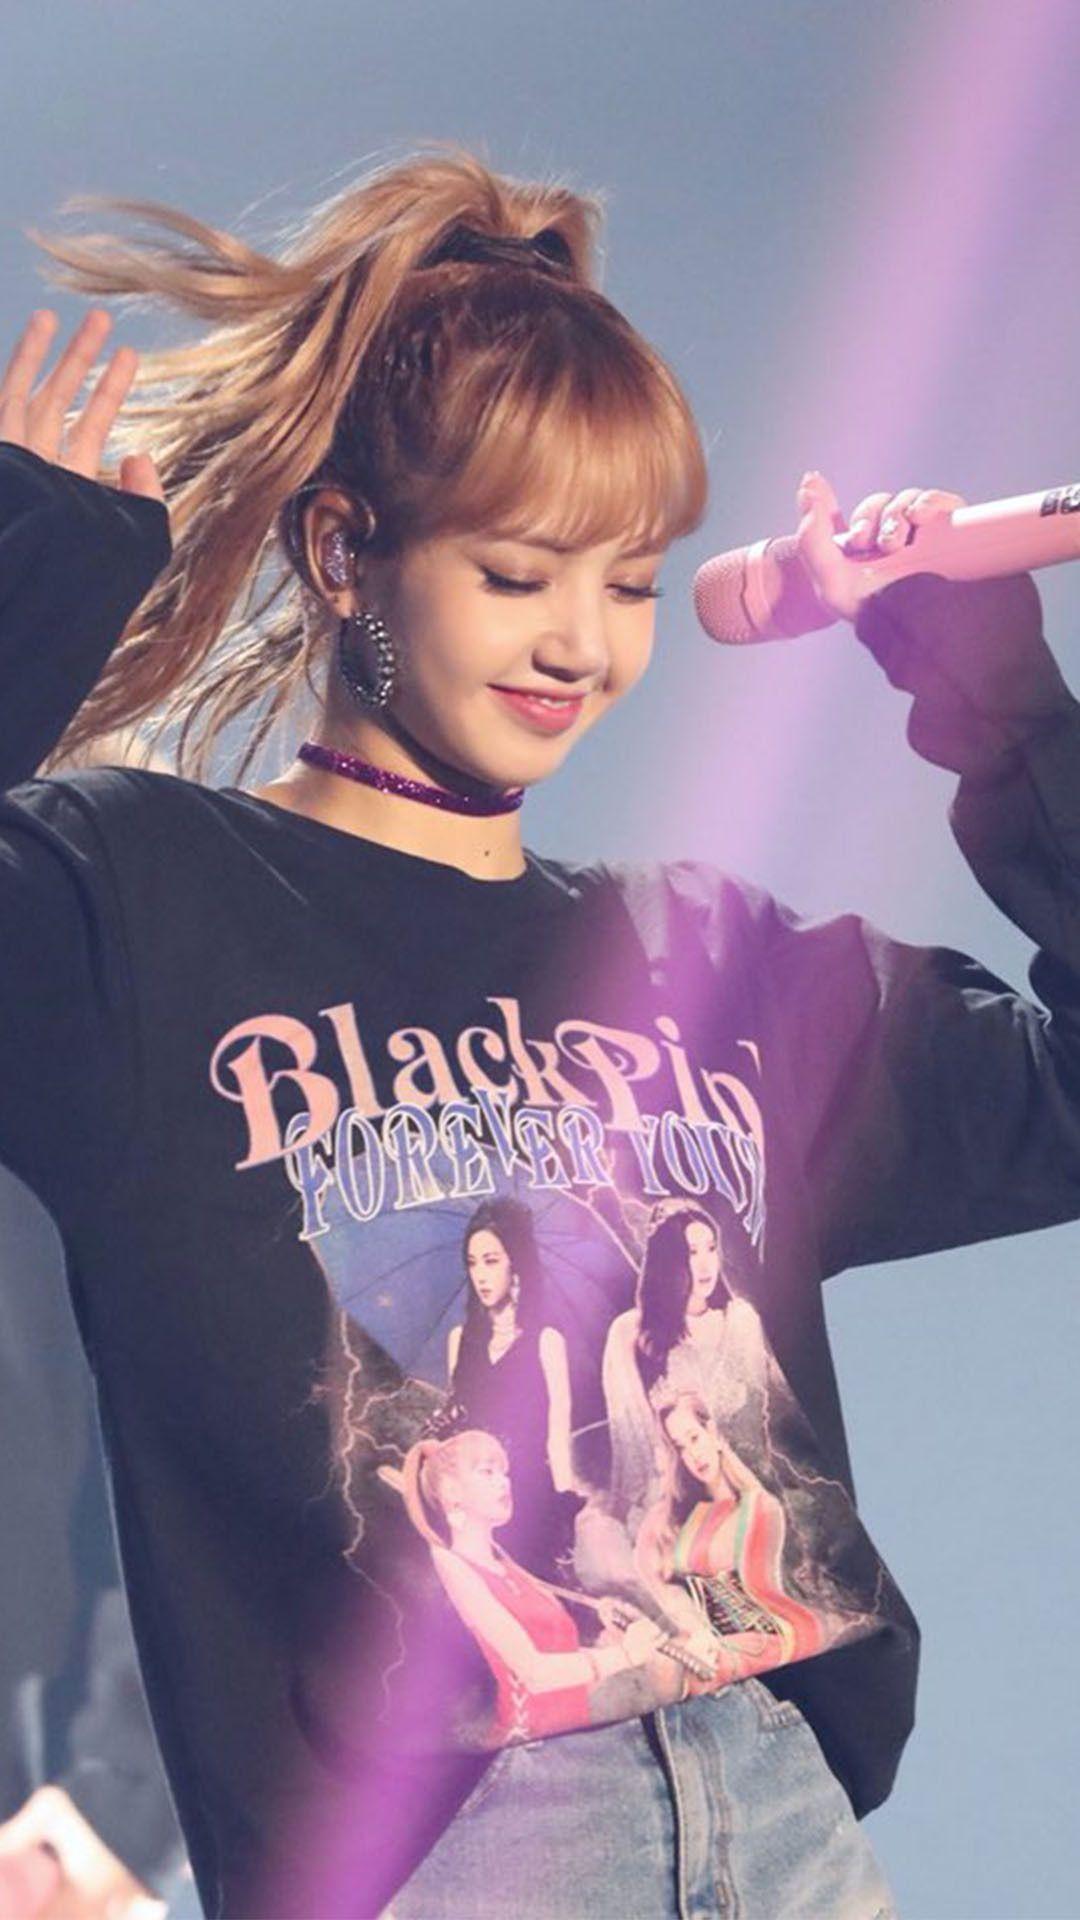 Blackpink Lisa In Your Area Tour Seoul 2018 Blackpink 壁紙